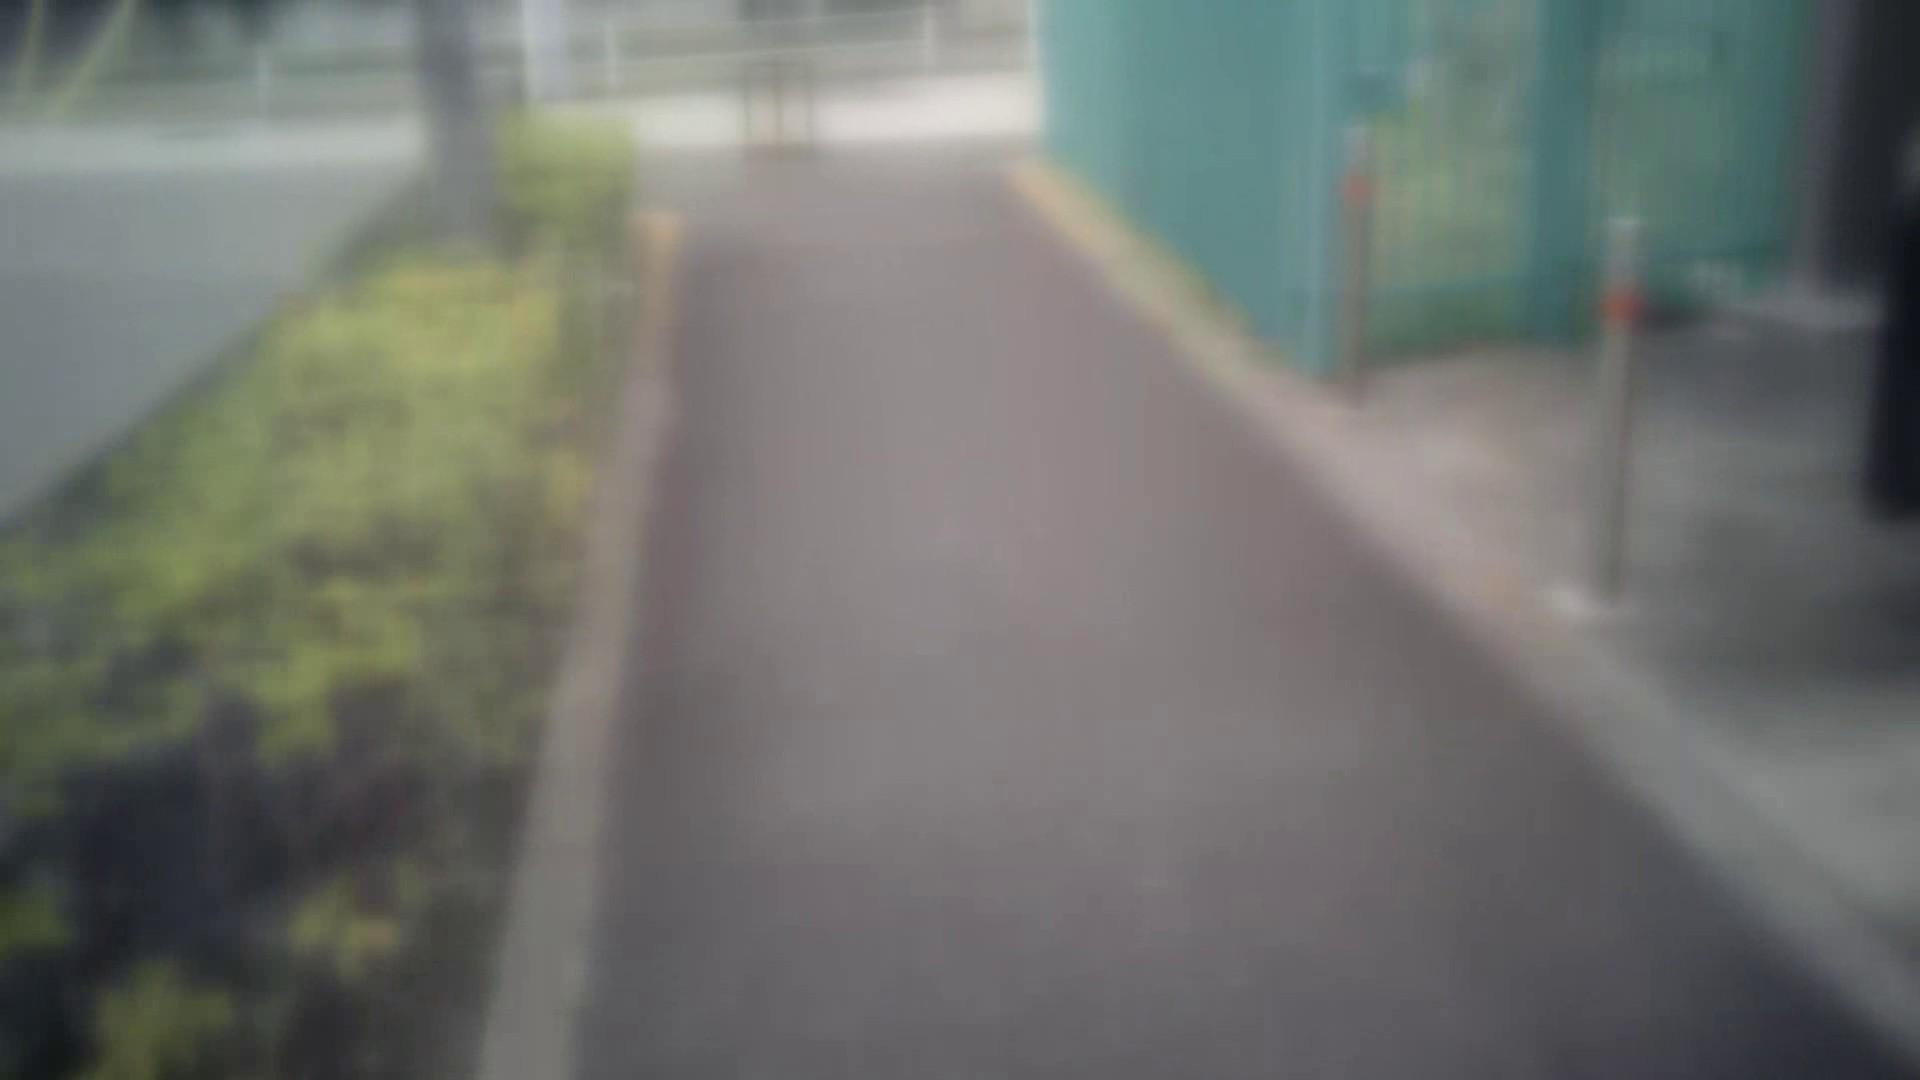 自転車パンチラ Vol.01 おしりムチムチ オマンコ無修正動画無料 90画像 23